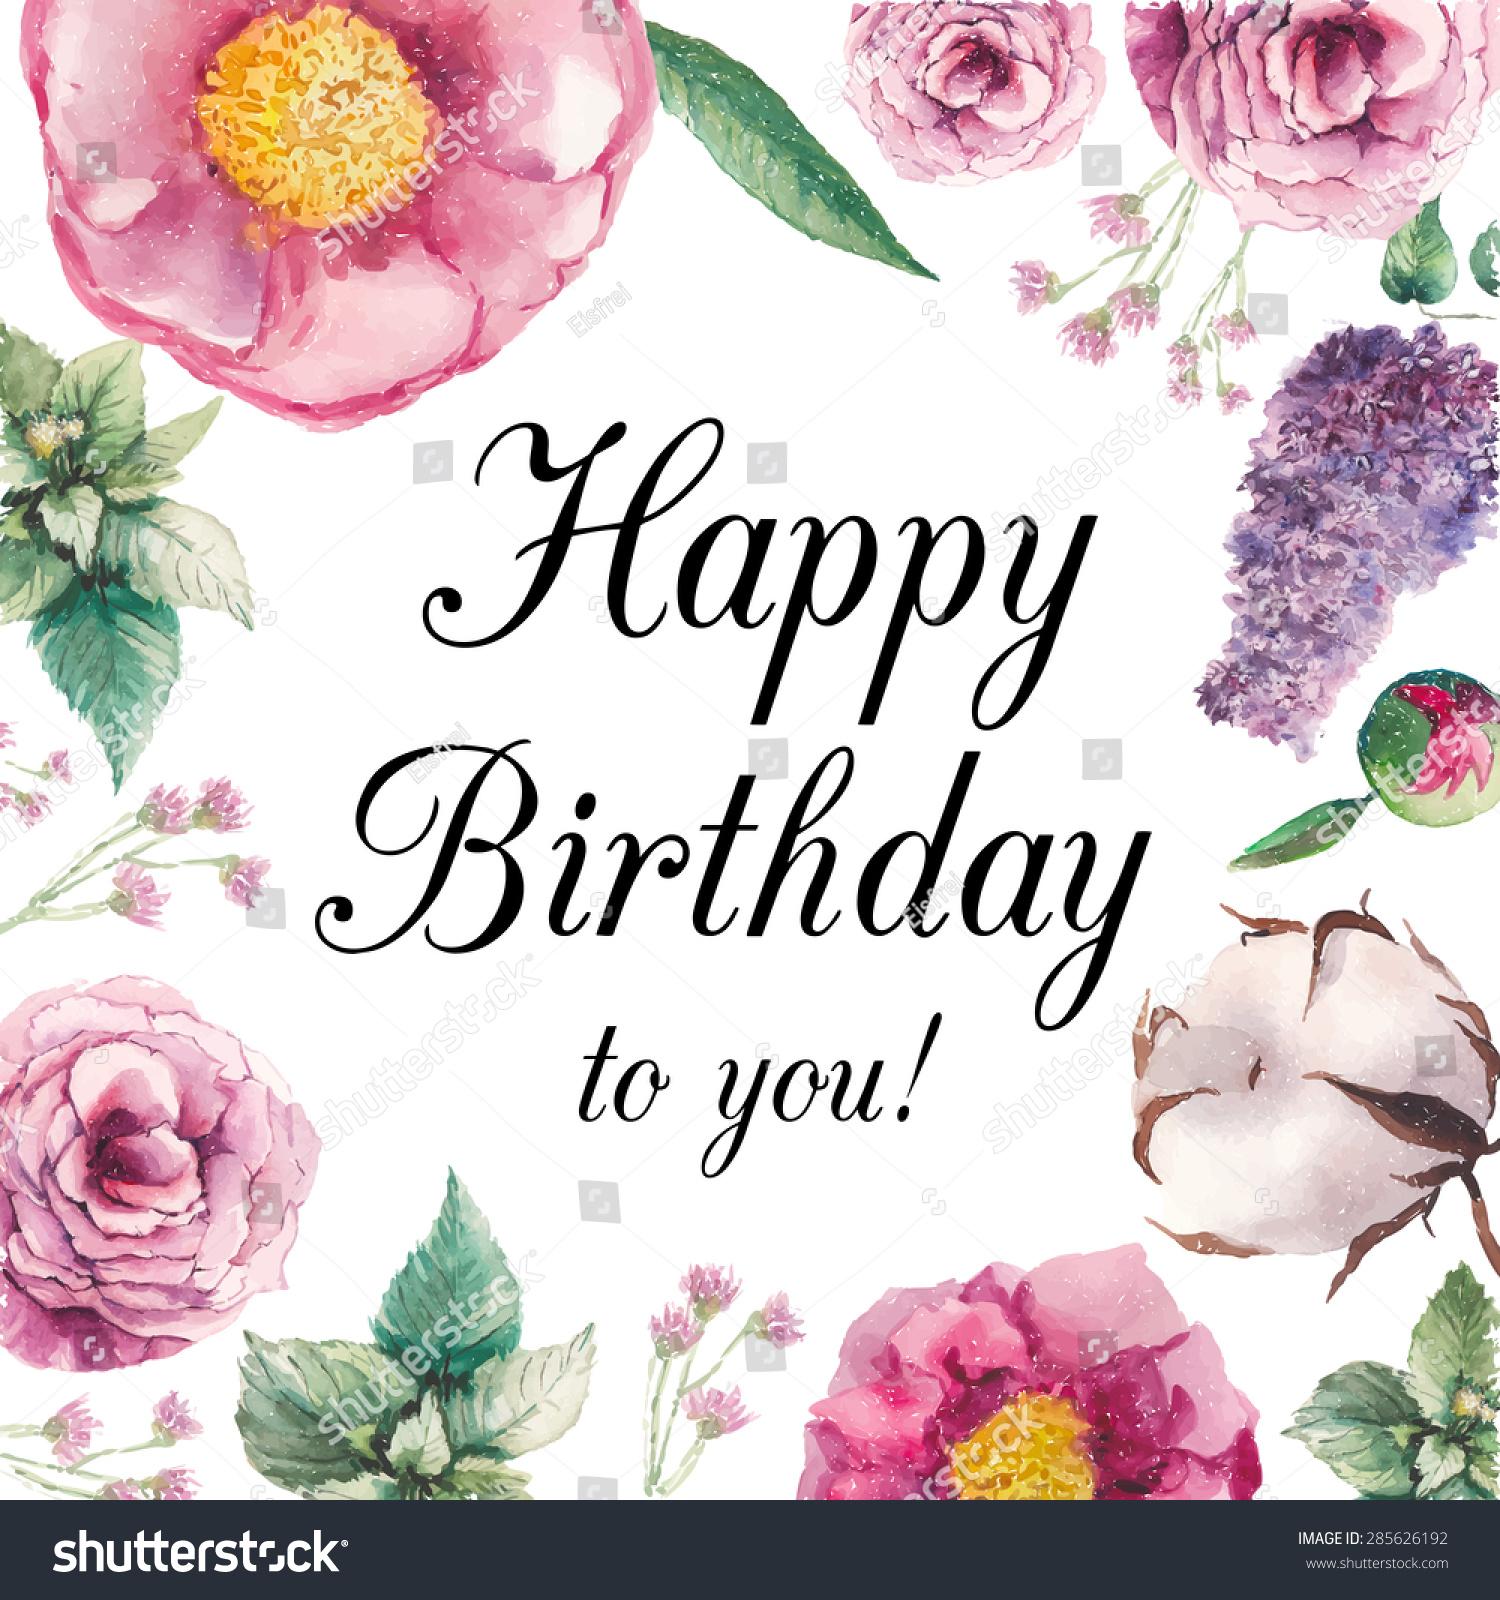 Royalty Free Watercolor Garden Floral Happy Birthday 285626192